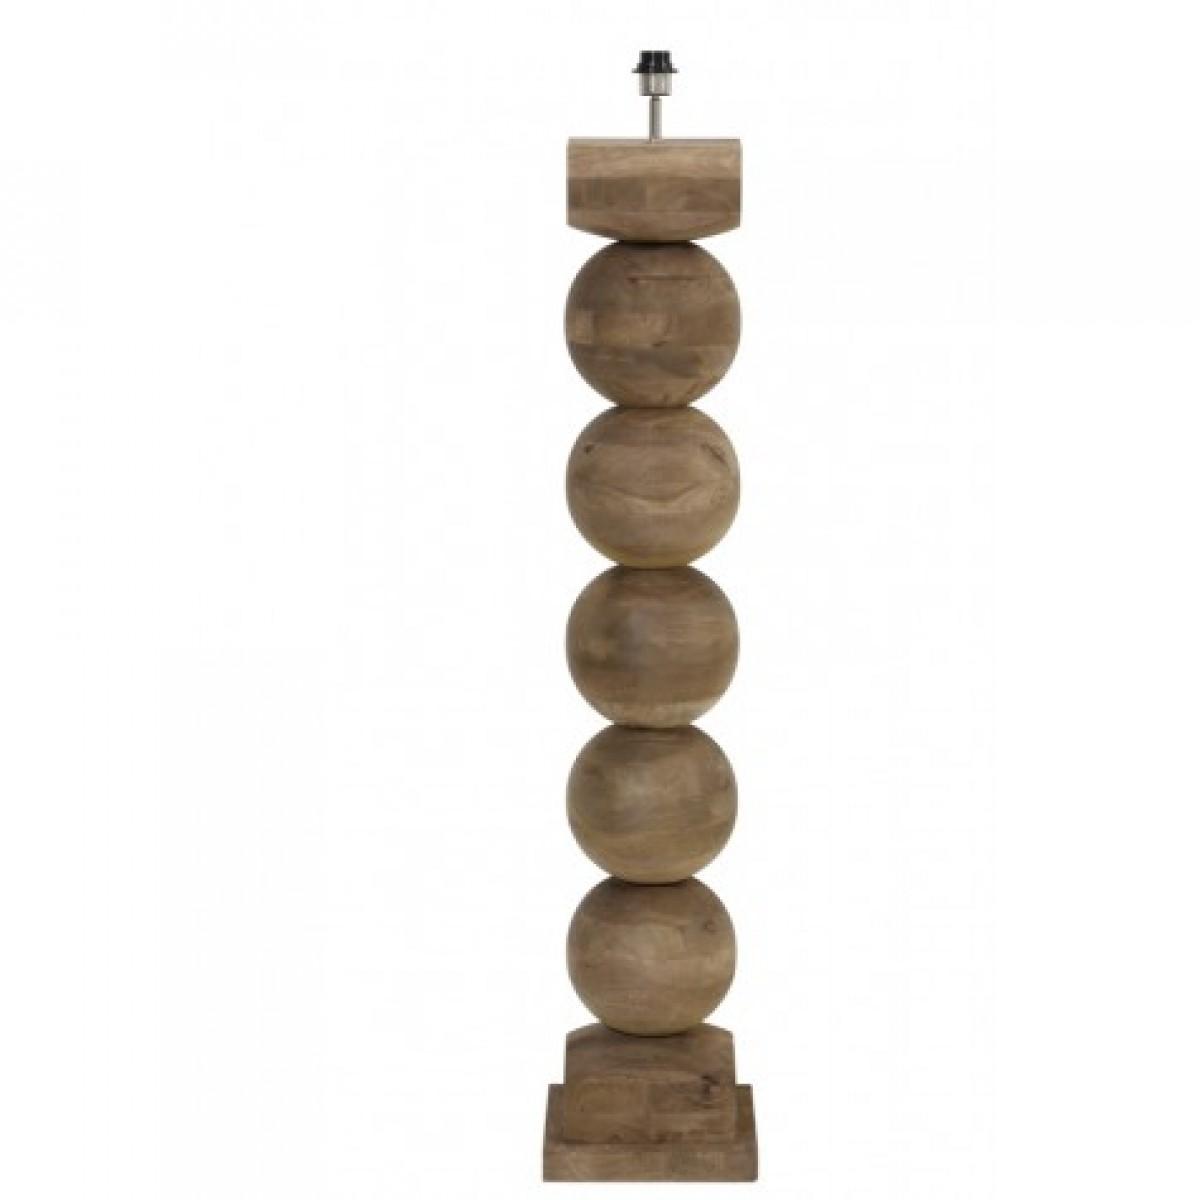 Stehlampe Holz Mit Lampenschirm Stehleuchte Mit Zylinder Lampenschirm